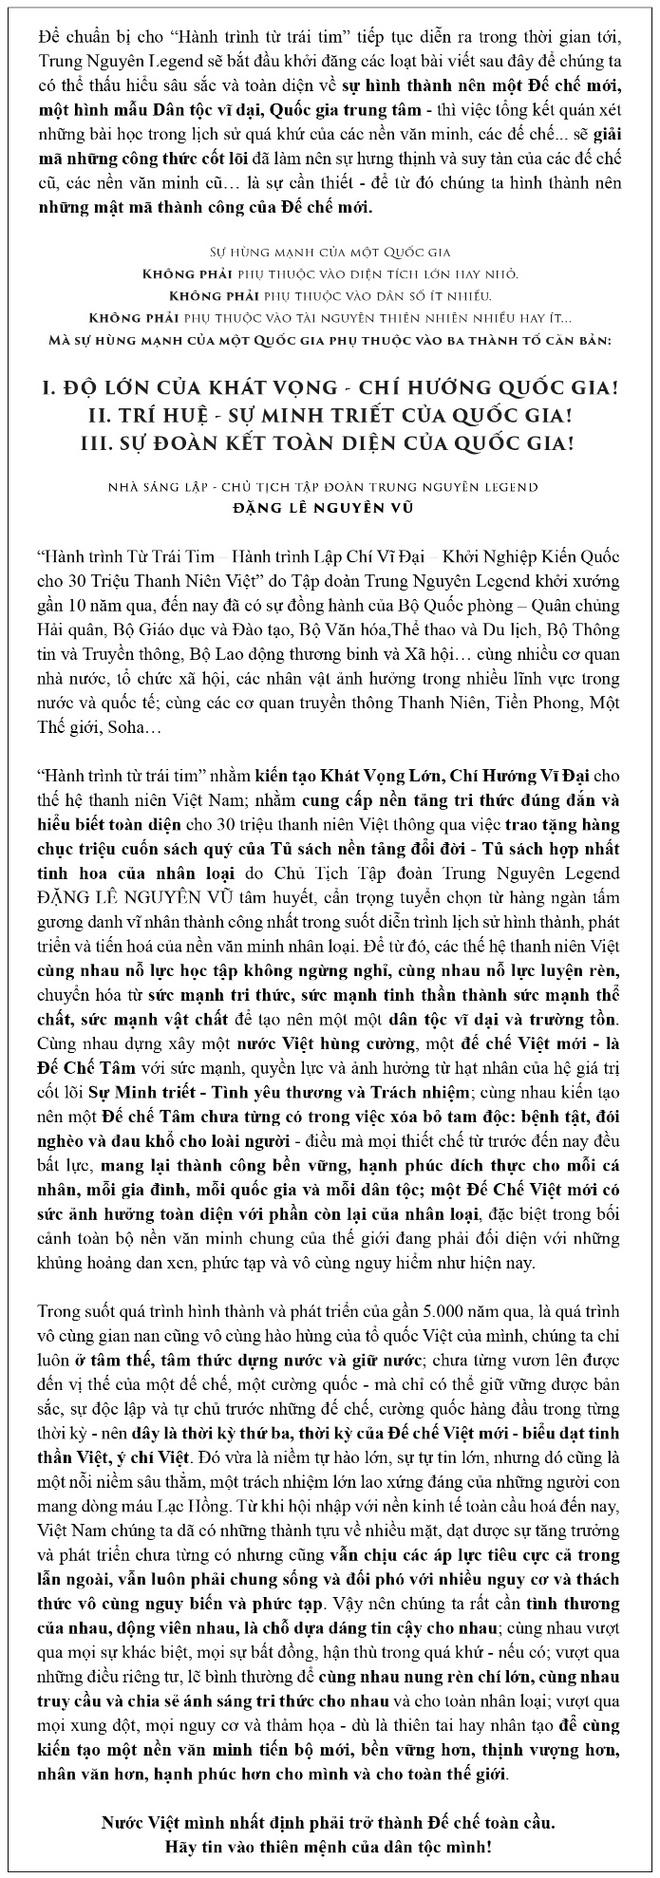 Thập Nhị Binh Thư - Binh thư số 6: Uất Liễu Tử - Ảnh 1.